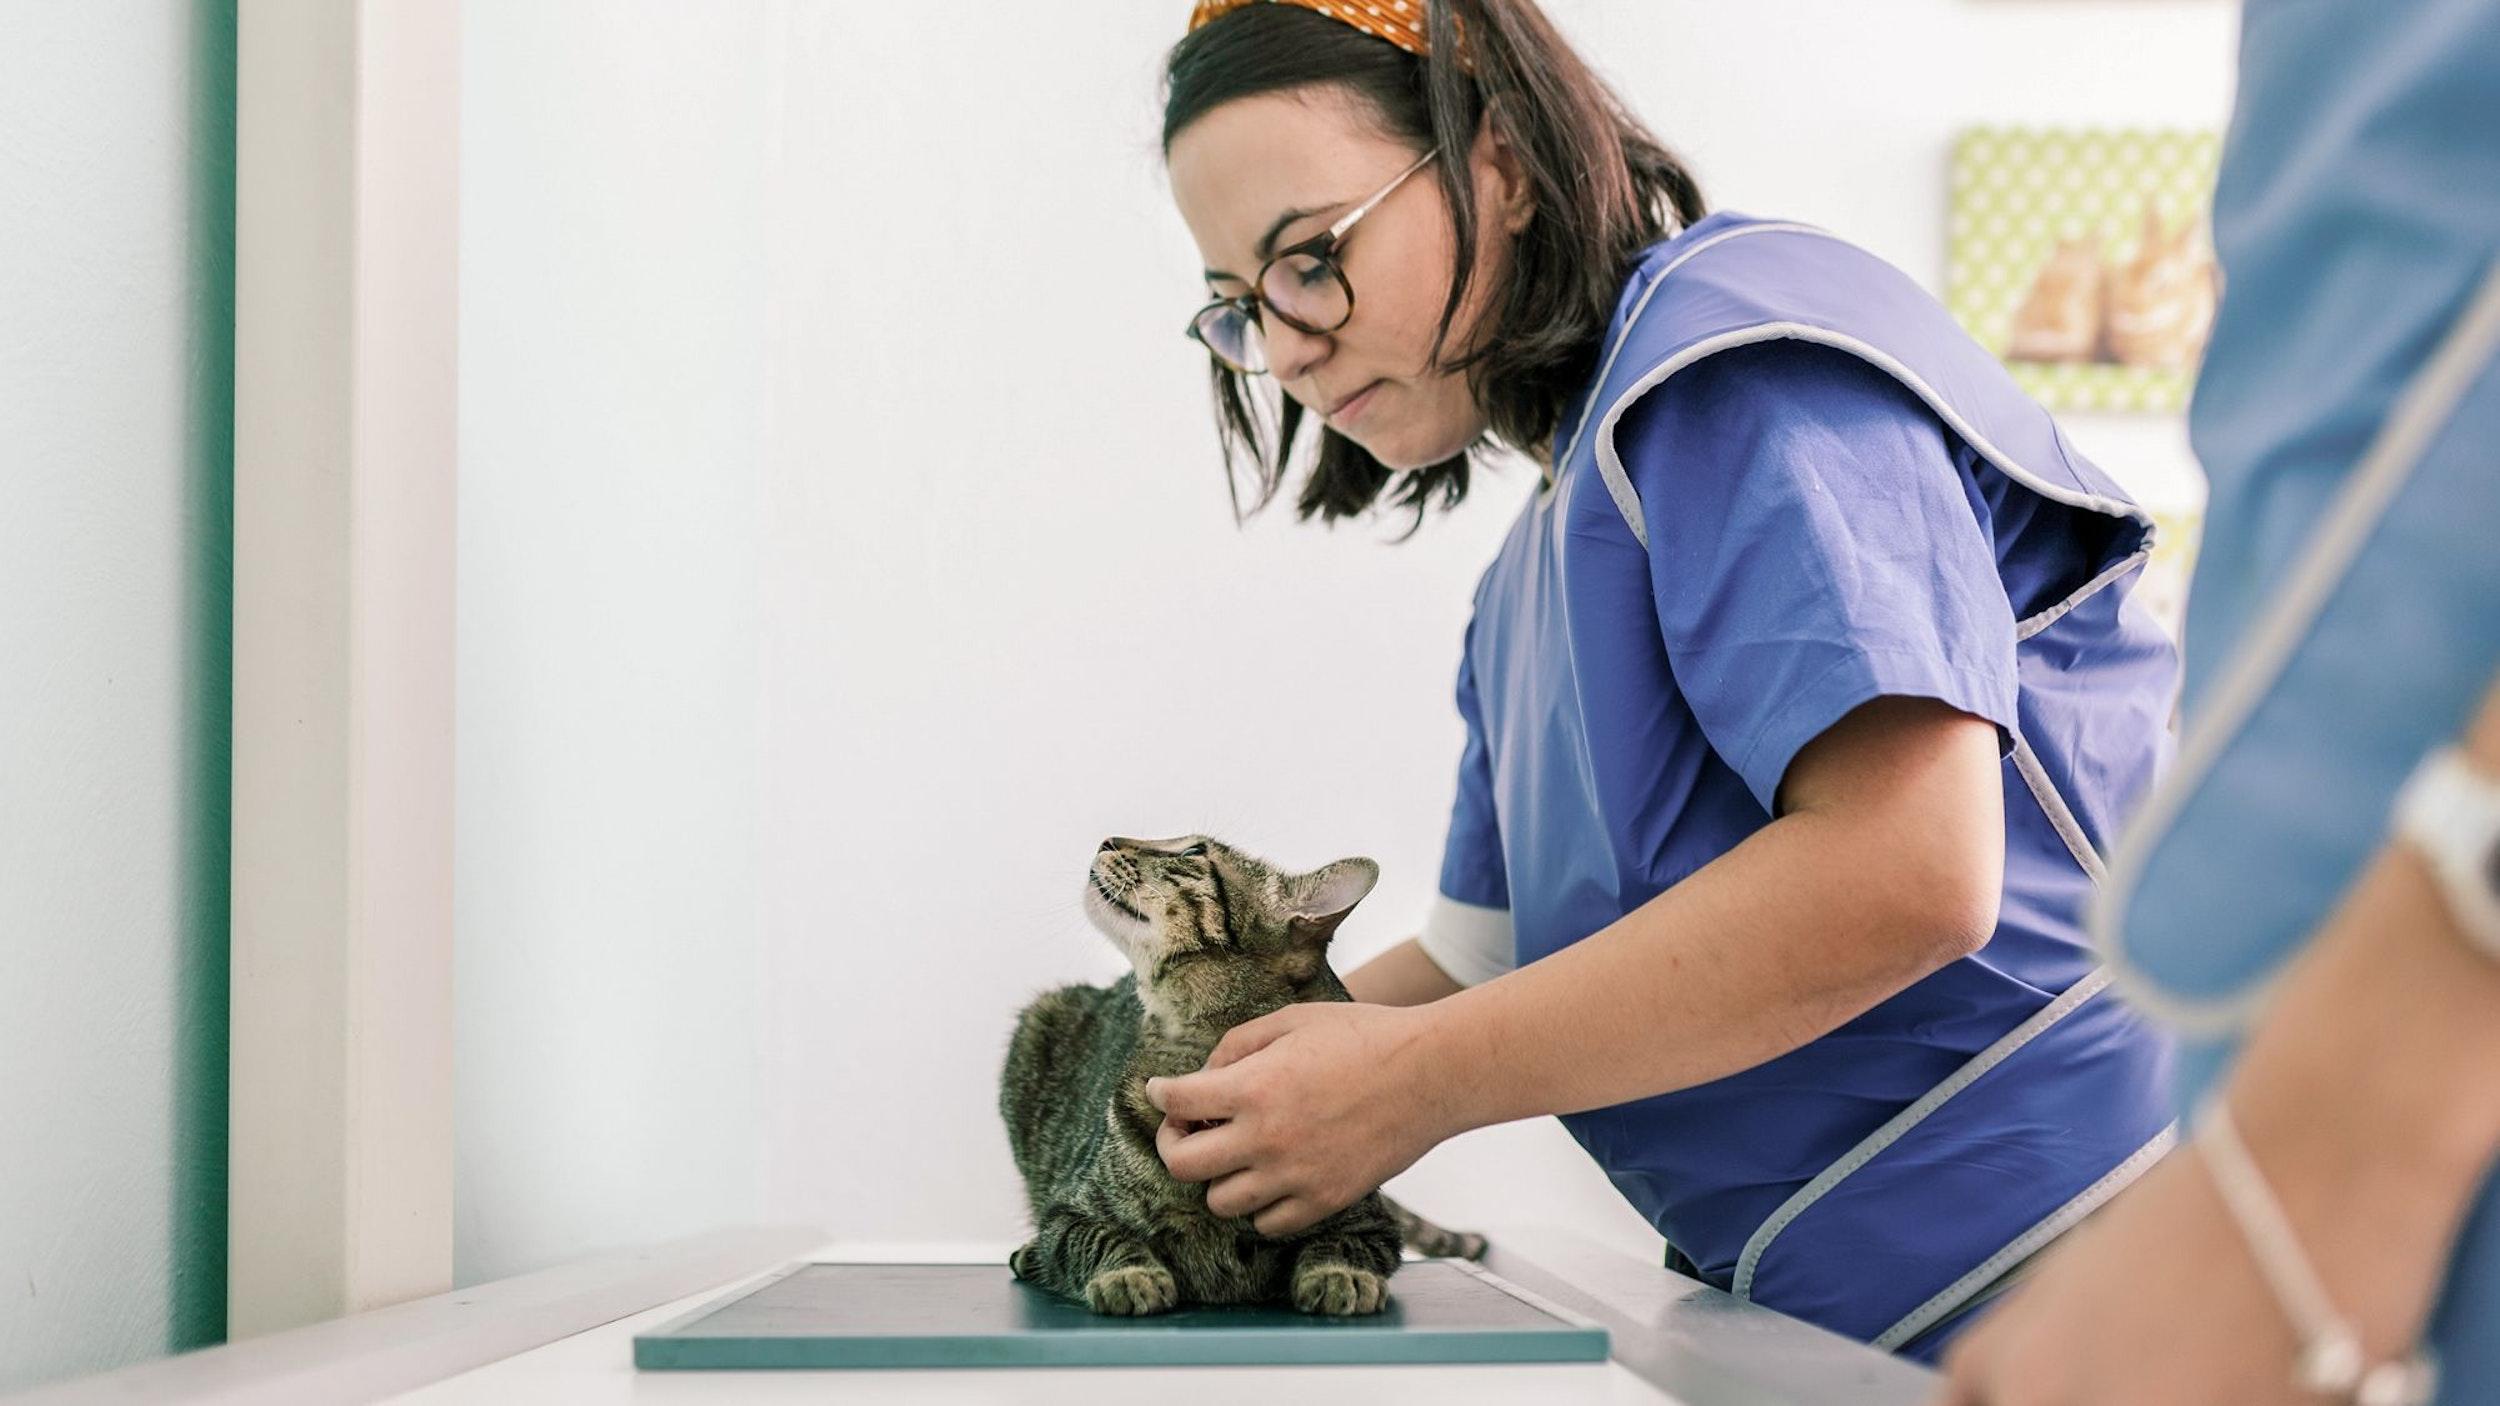 สัตวแพทย์กำลังมองที่แมวลายบนโต๊ะ